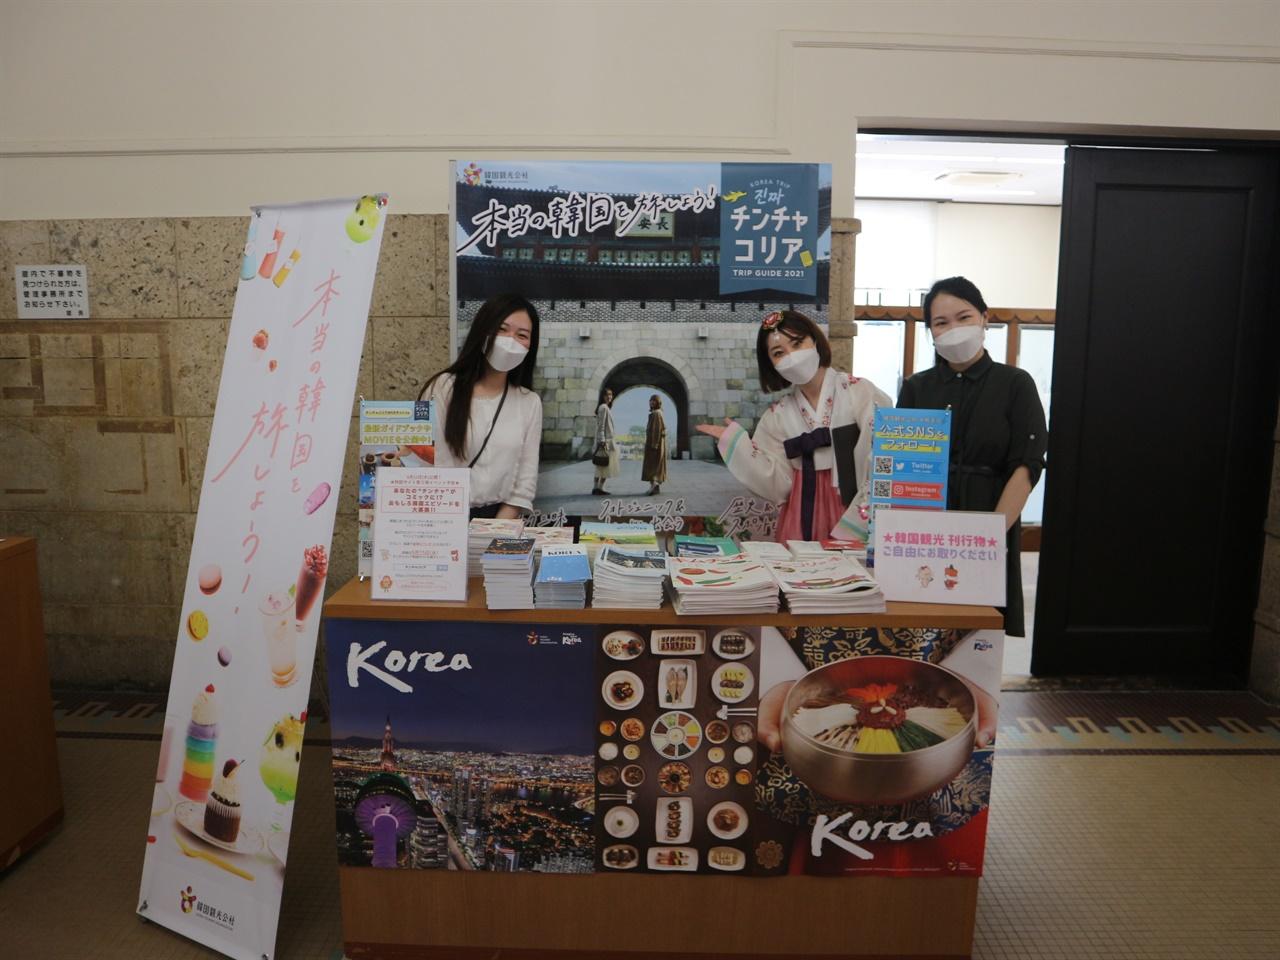 한국 관광 홍보부스 한국의 맛과 멋에 대해 홍보하고 있는 한국관광공사 오사카지사